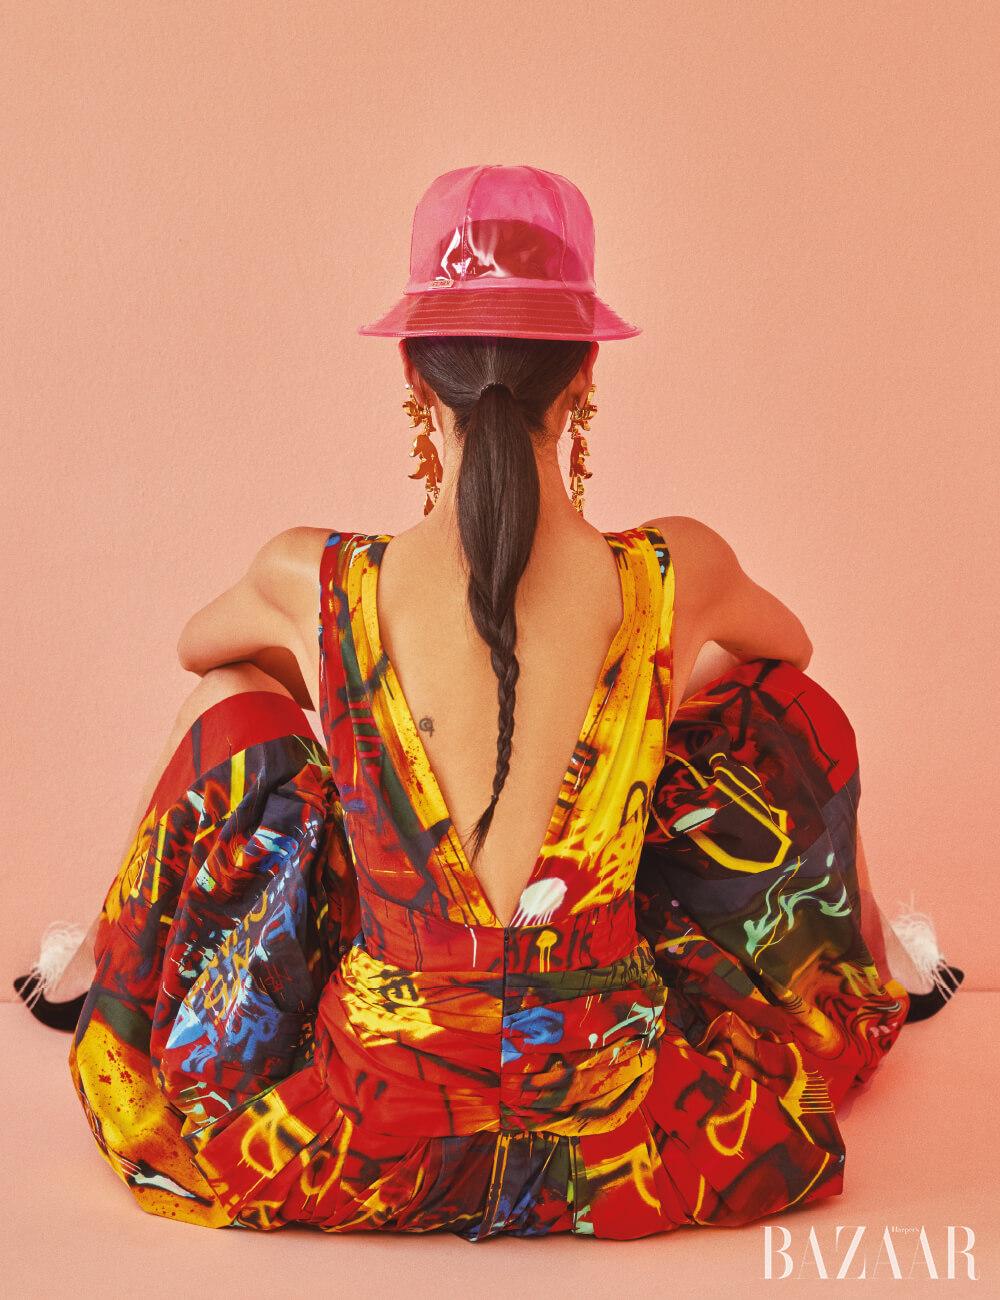 드레스는 Chanel, 모자는 39만원 Fendi, 귀고리는 Chloé, 슈즈는 1백43만원 Roger Vivier.